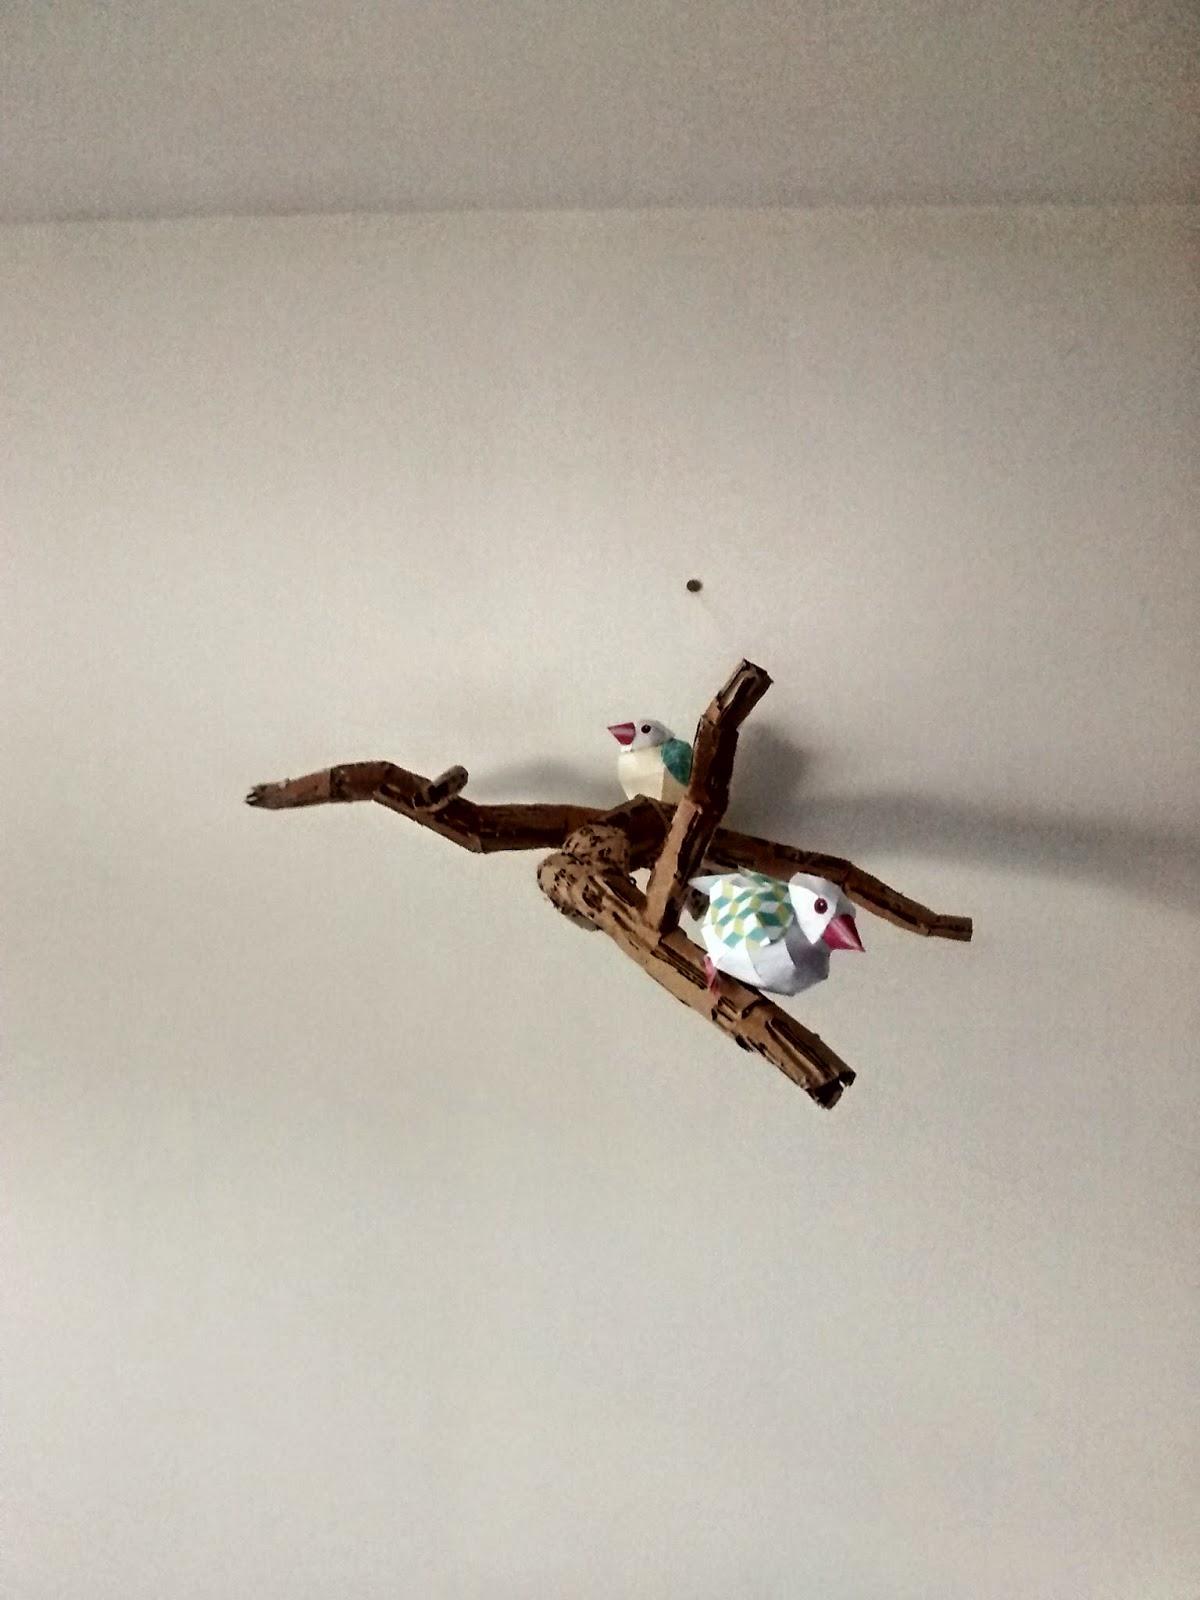 moineaux java oiseaux papier collage branche carton déco DIY epate moi